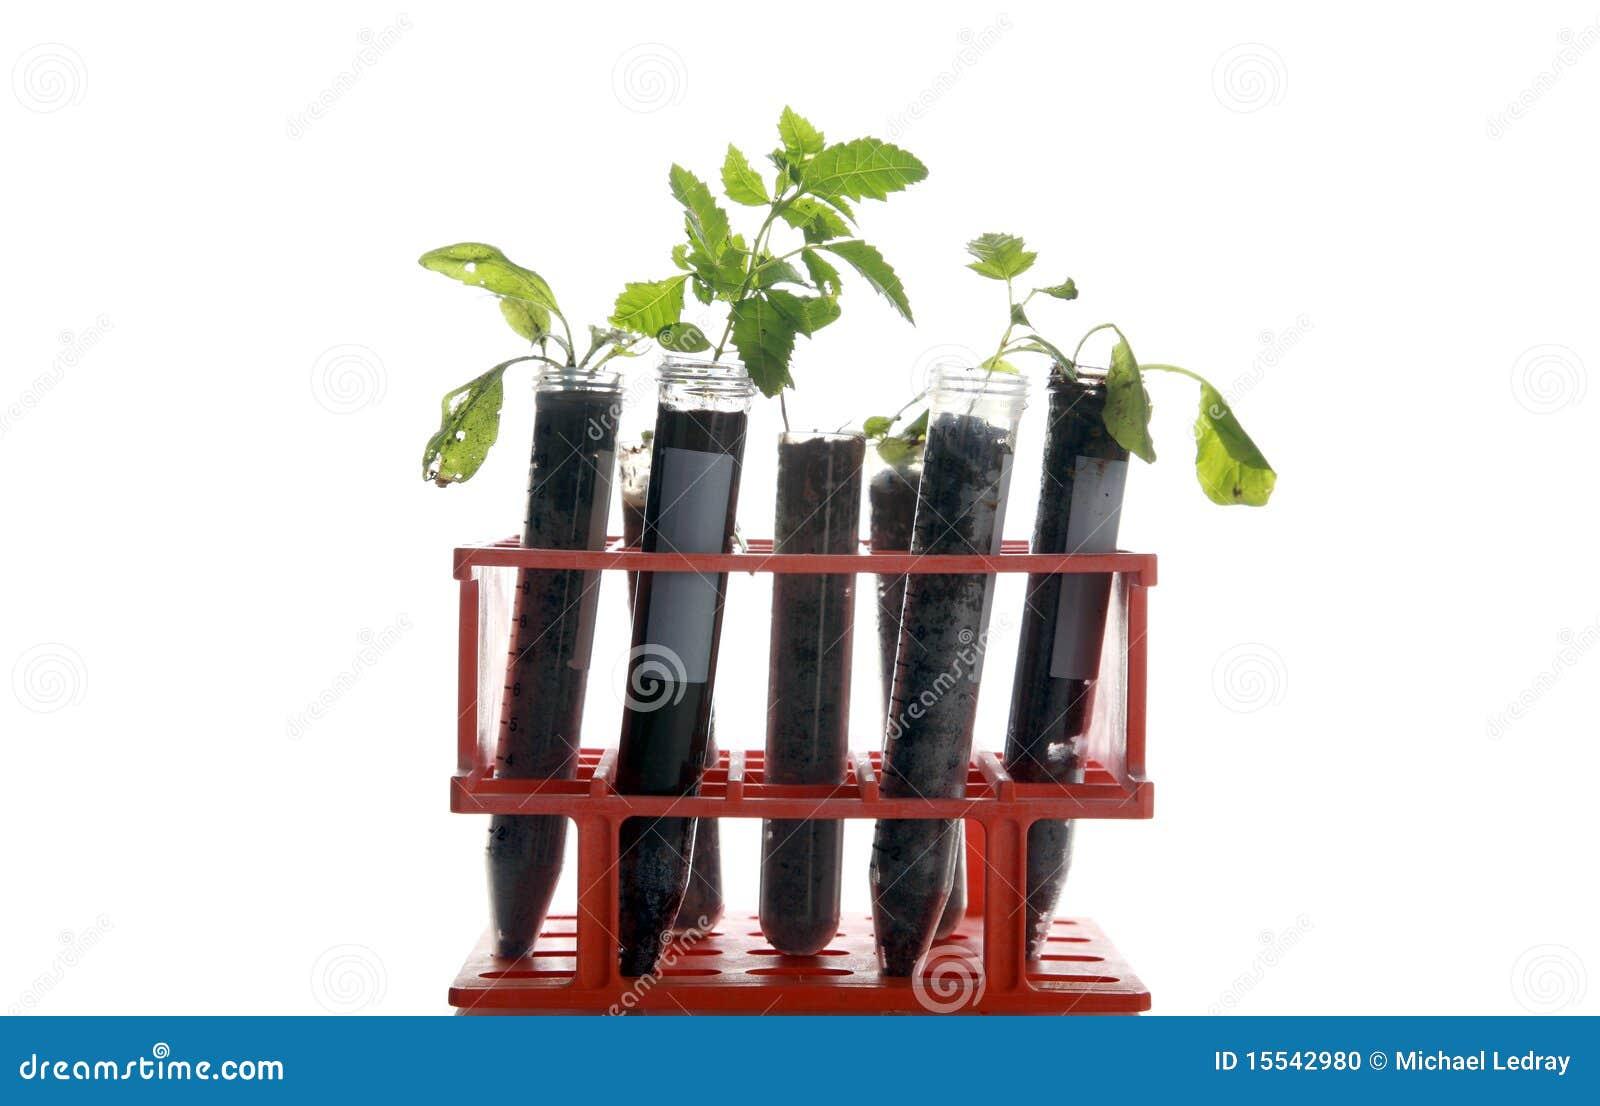 ботаническое исследование